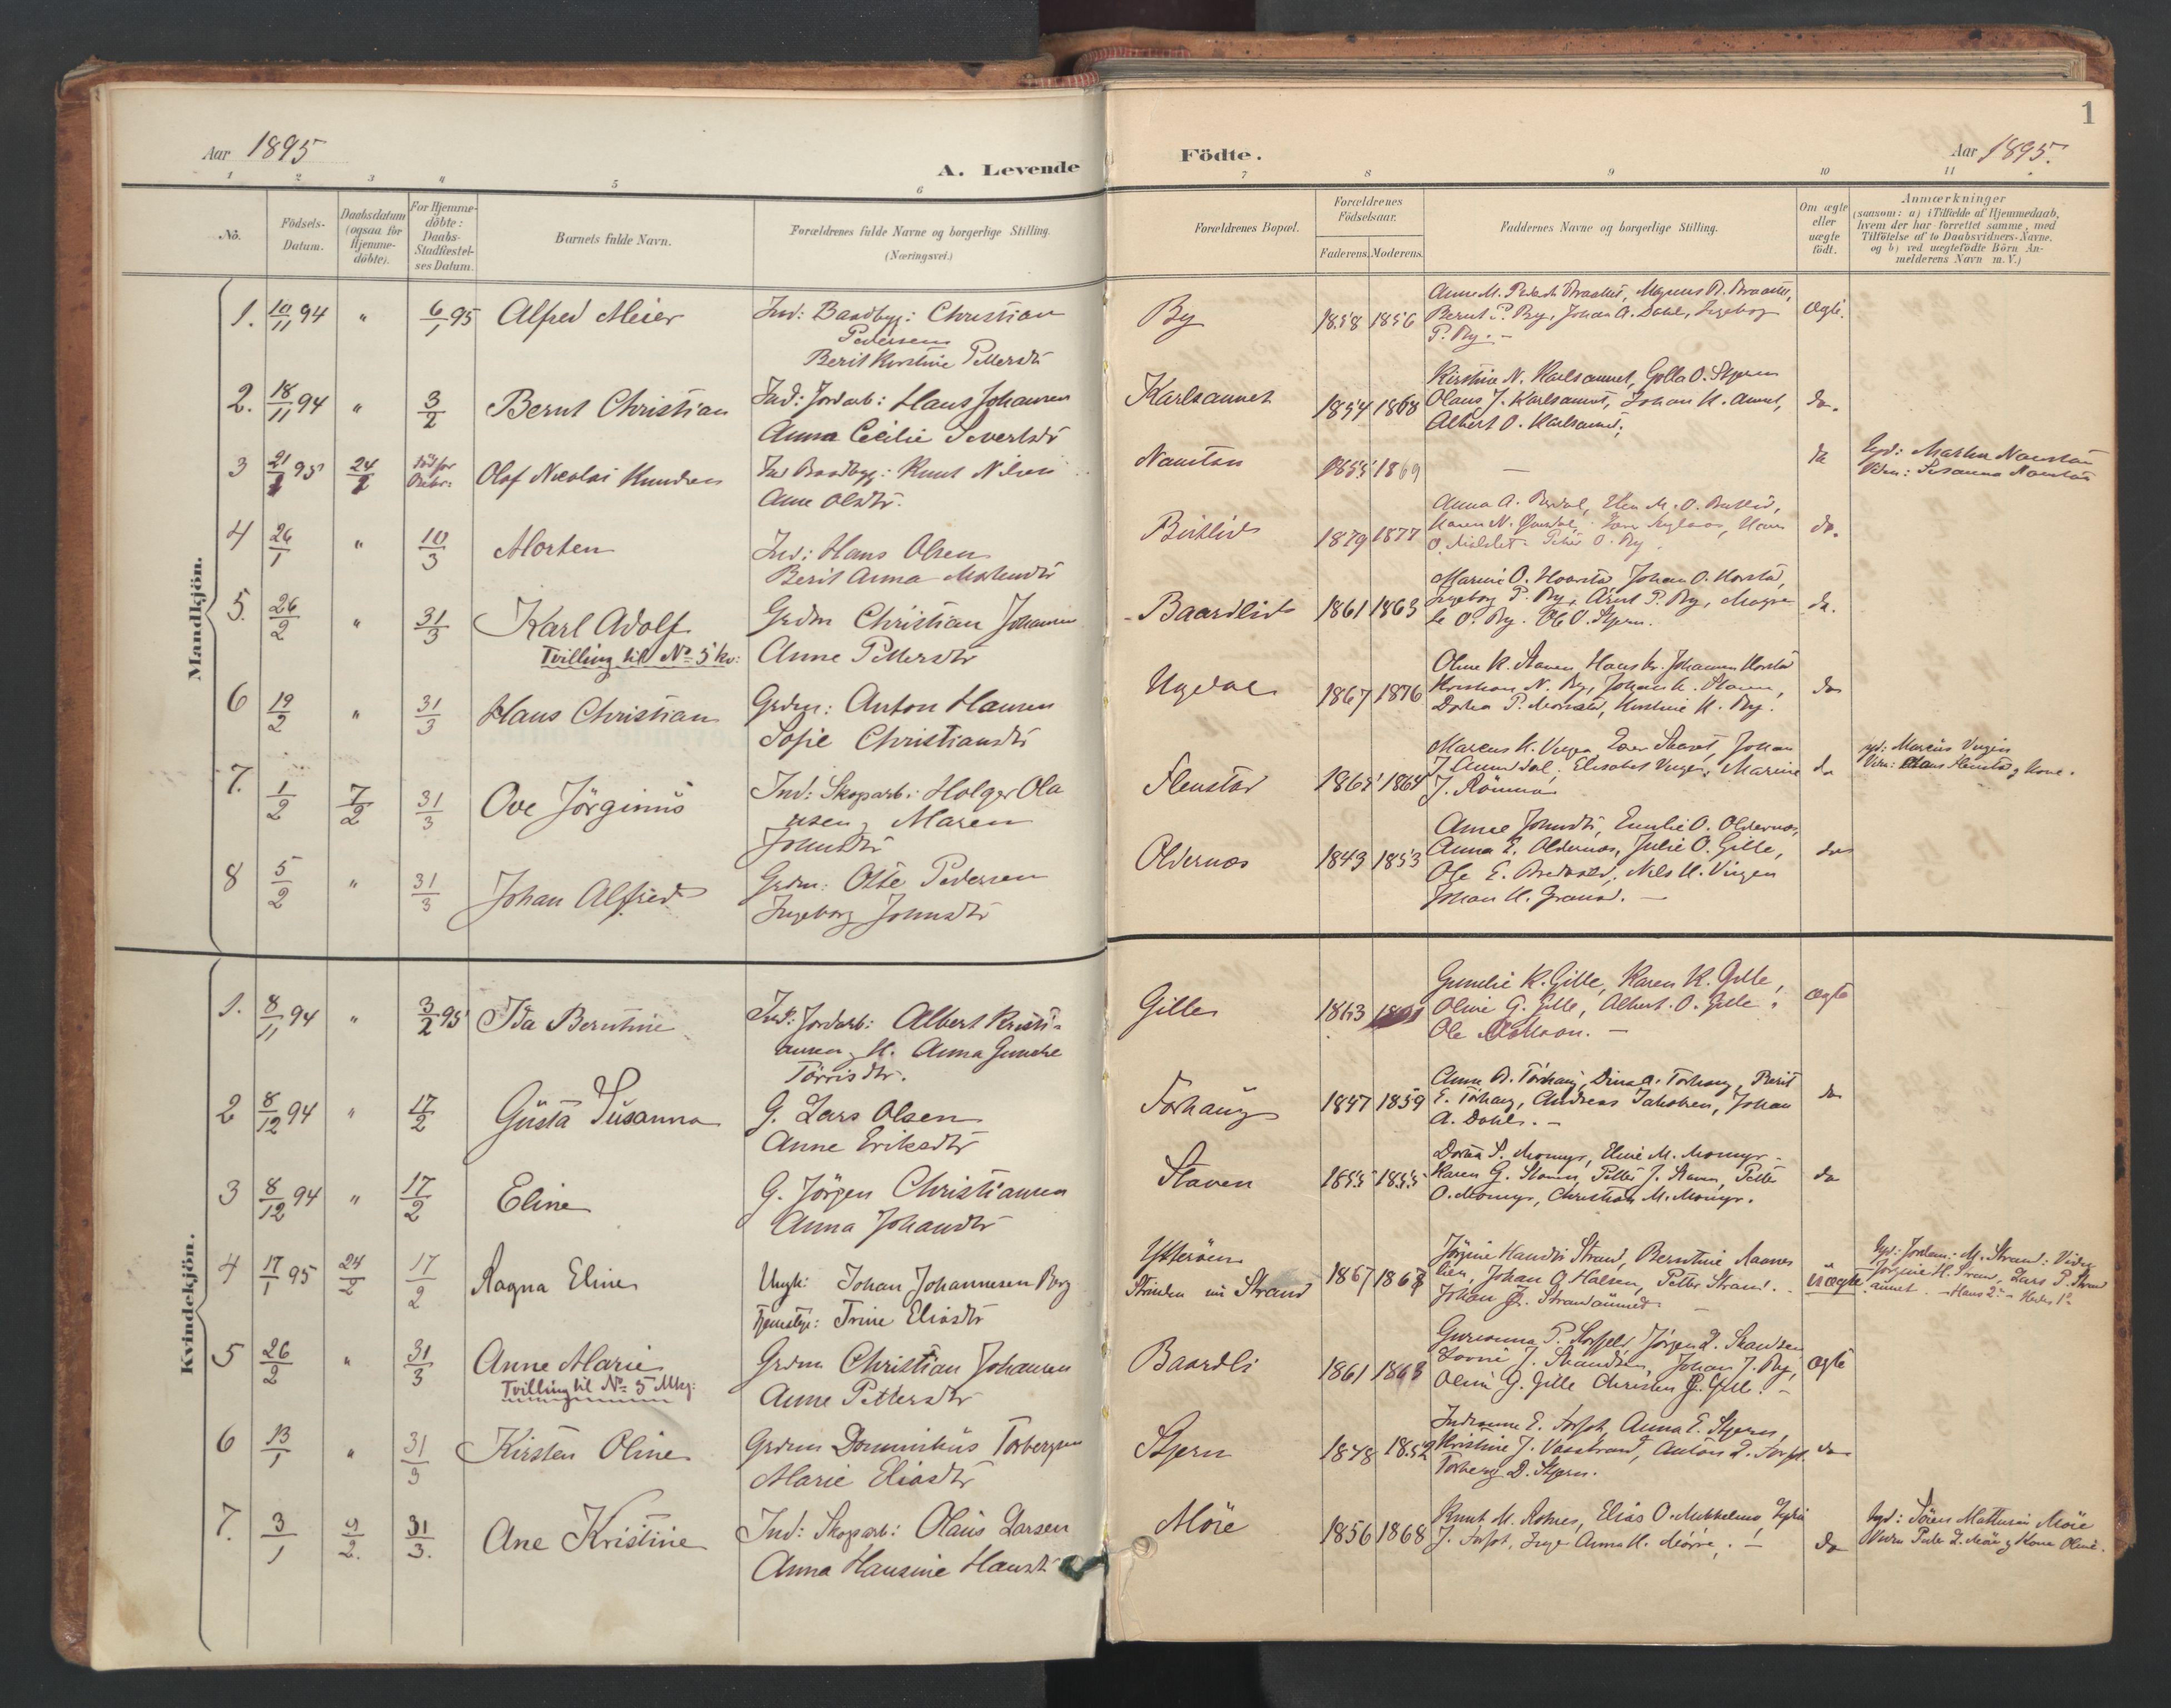 SAT, Ministerialprotokoller, klokkerbøker og fødselsregistre - Sør-Trøndelag, 655/L0681: Ministerialbok nr. 655A10, 1895-1907, s. 1